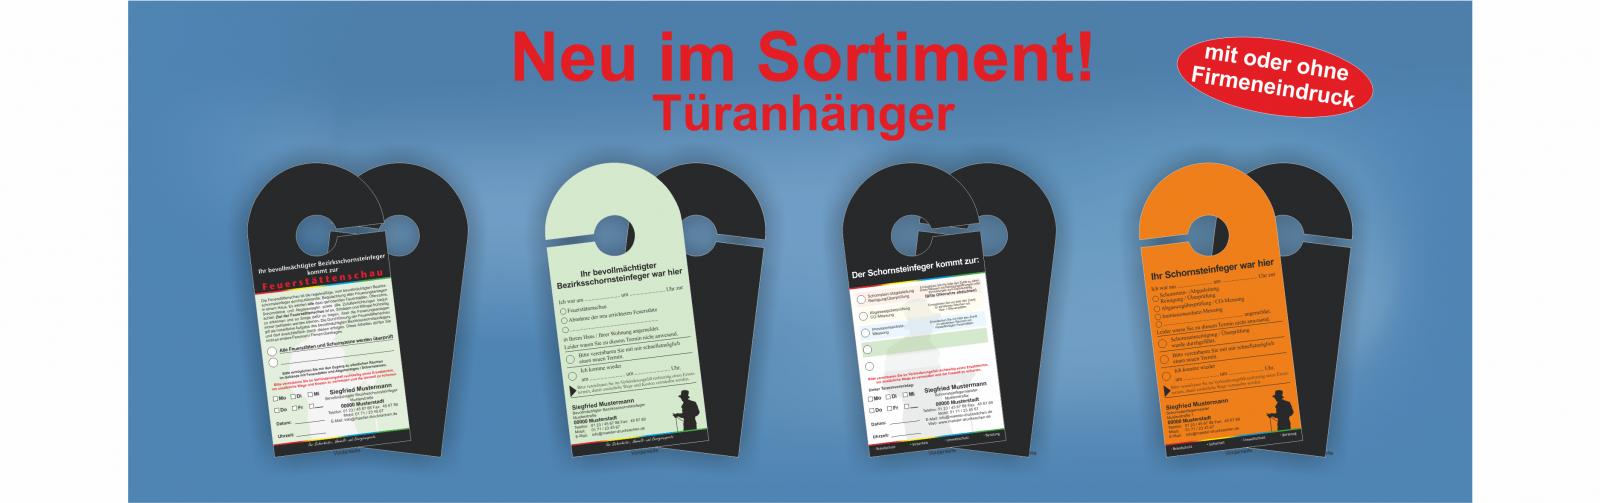 Teaser_Tueranhaenger